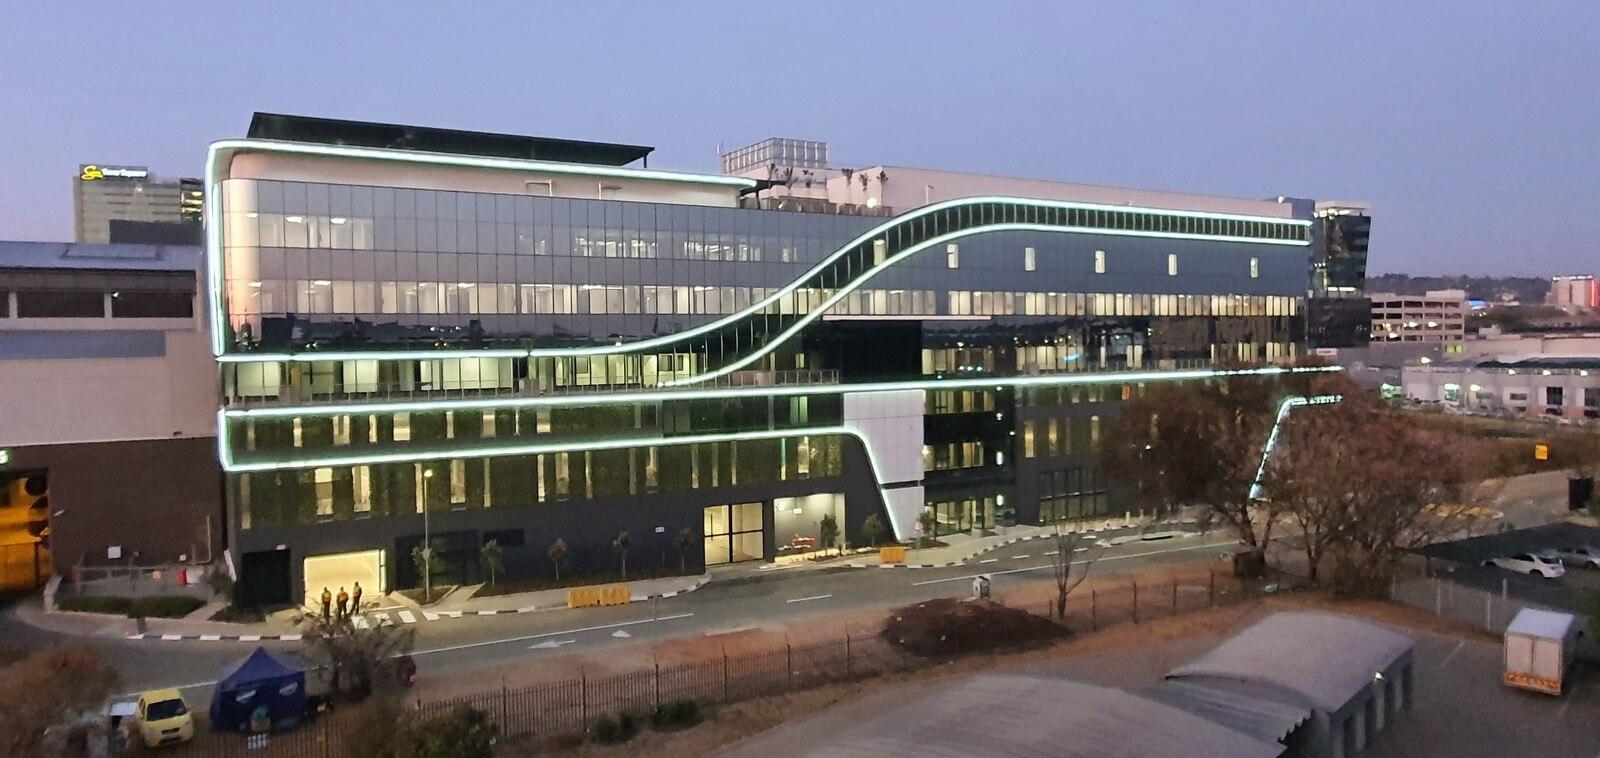 Cintocare Head & Neck Hospital, Pretoria